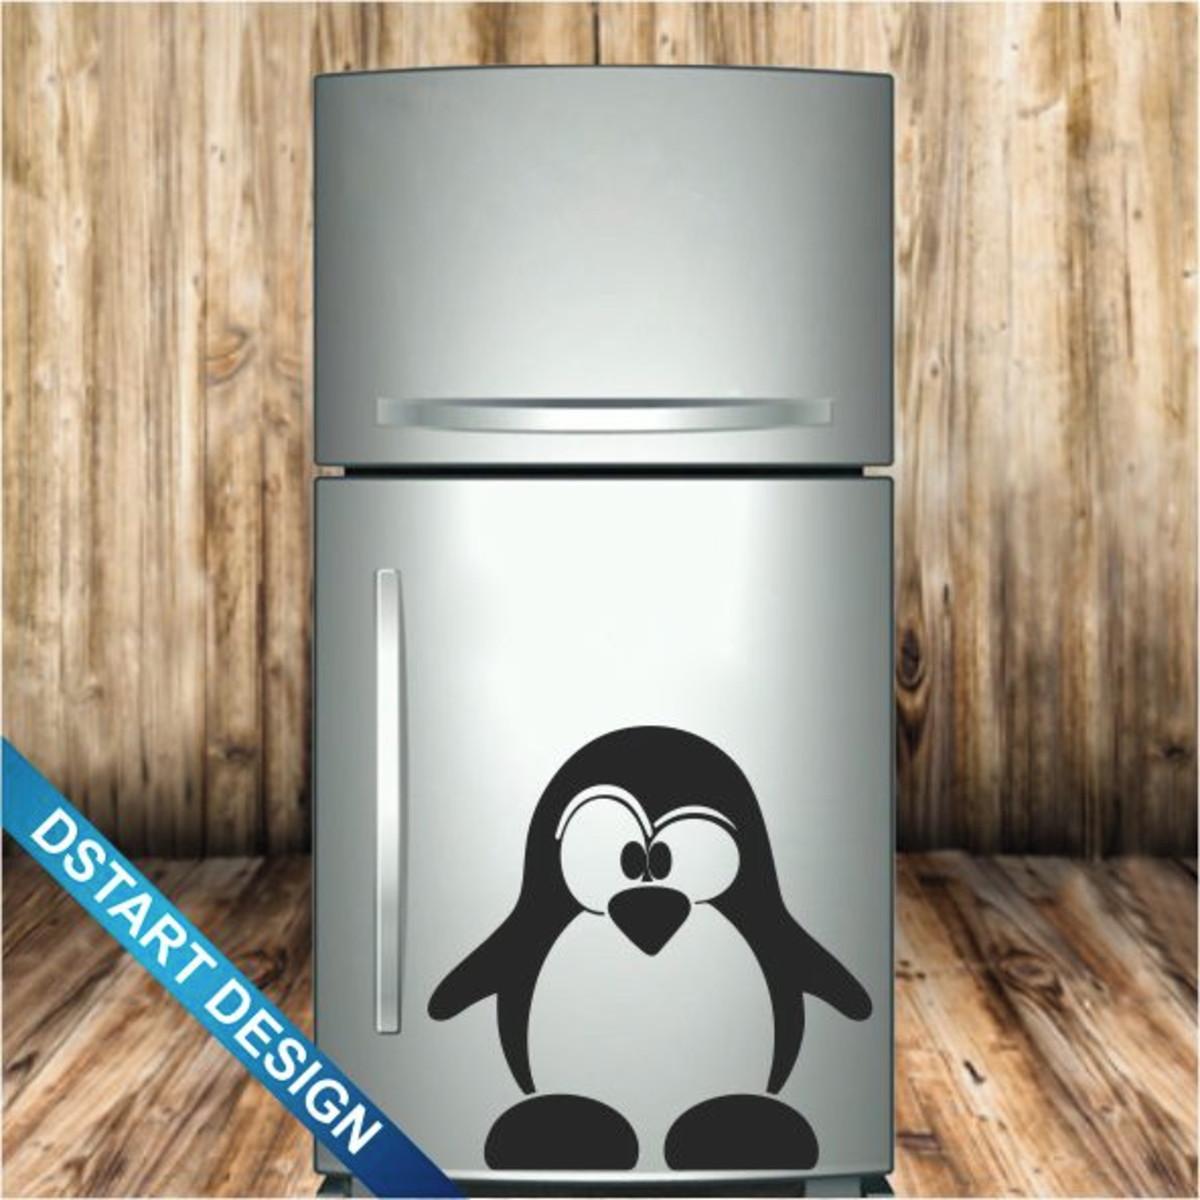 Adesivo Decoração Geladeira Pinguim Mod.5 no Elo7  48361e0e613ec